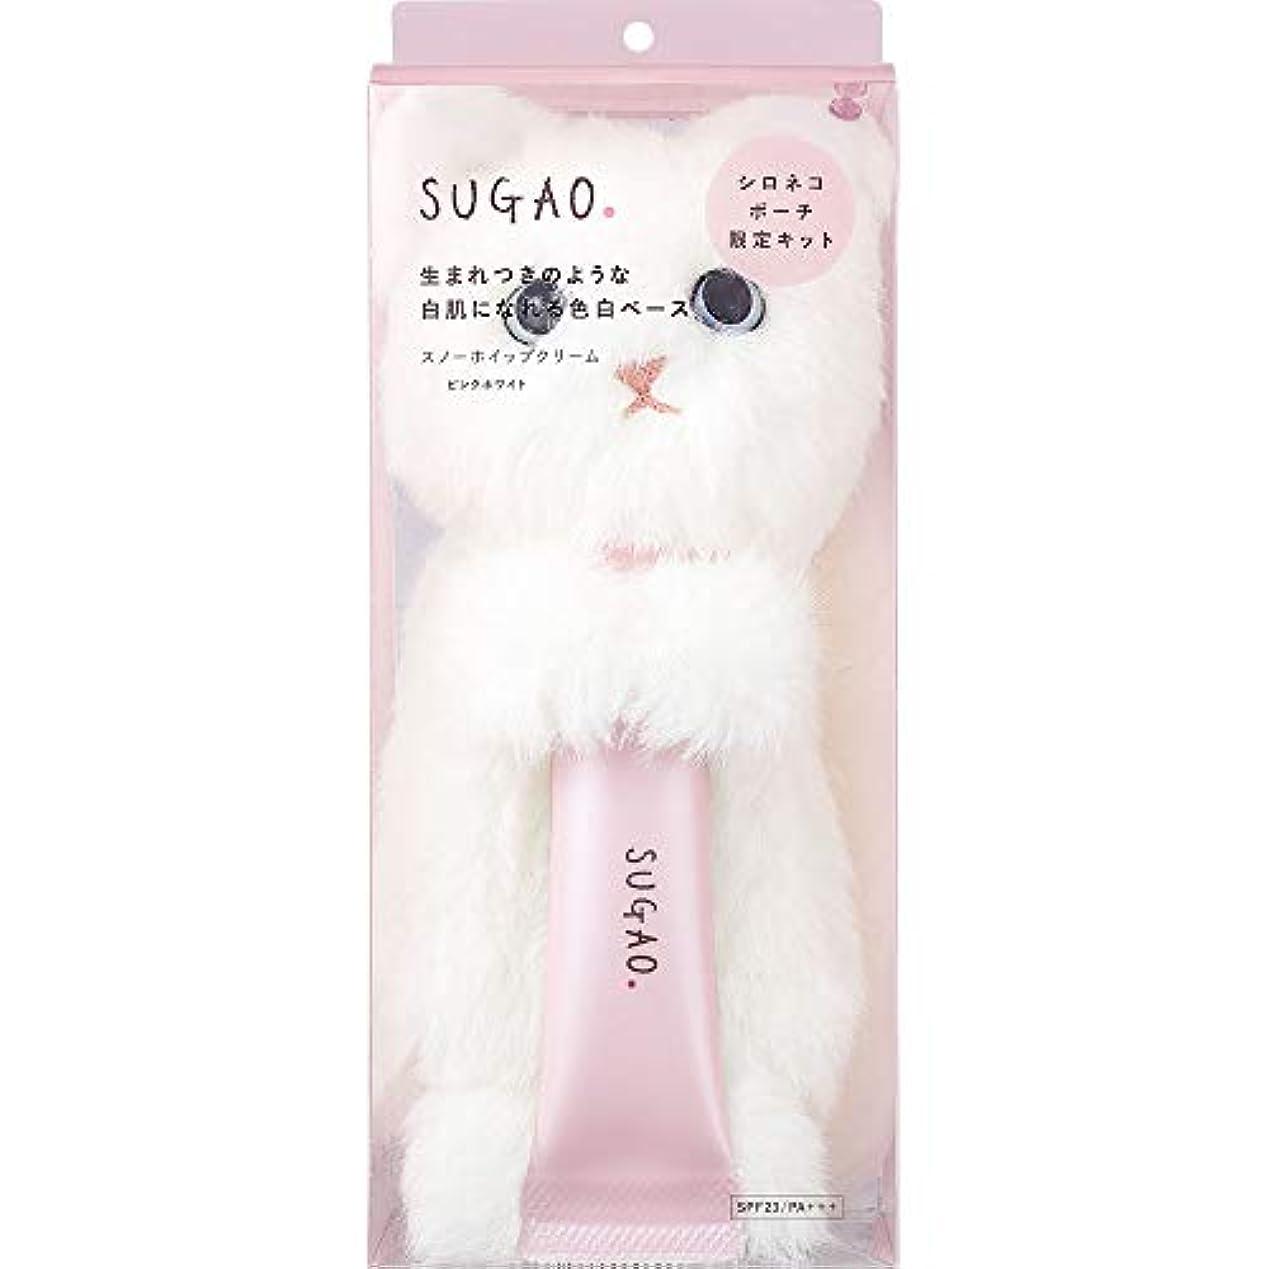 代替効能重大スガオ (SUGAO) 化粧下地 スノーホイップクリーム シロネコポーチ付き